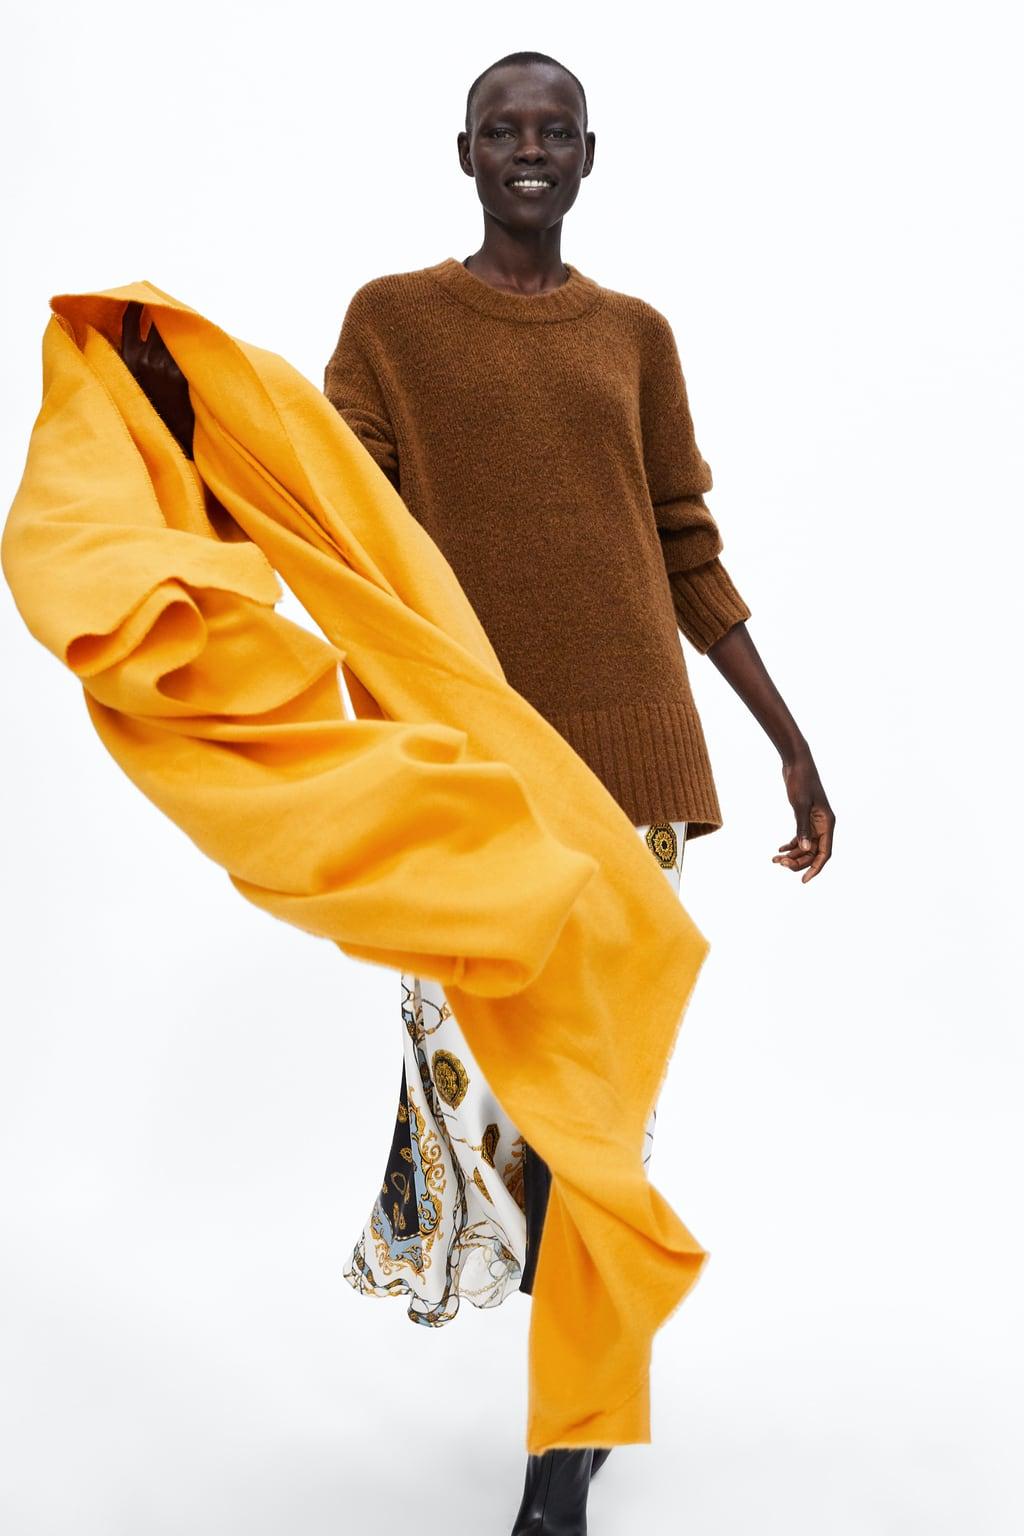 zara soft scarf £12.99, was £19.99